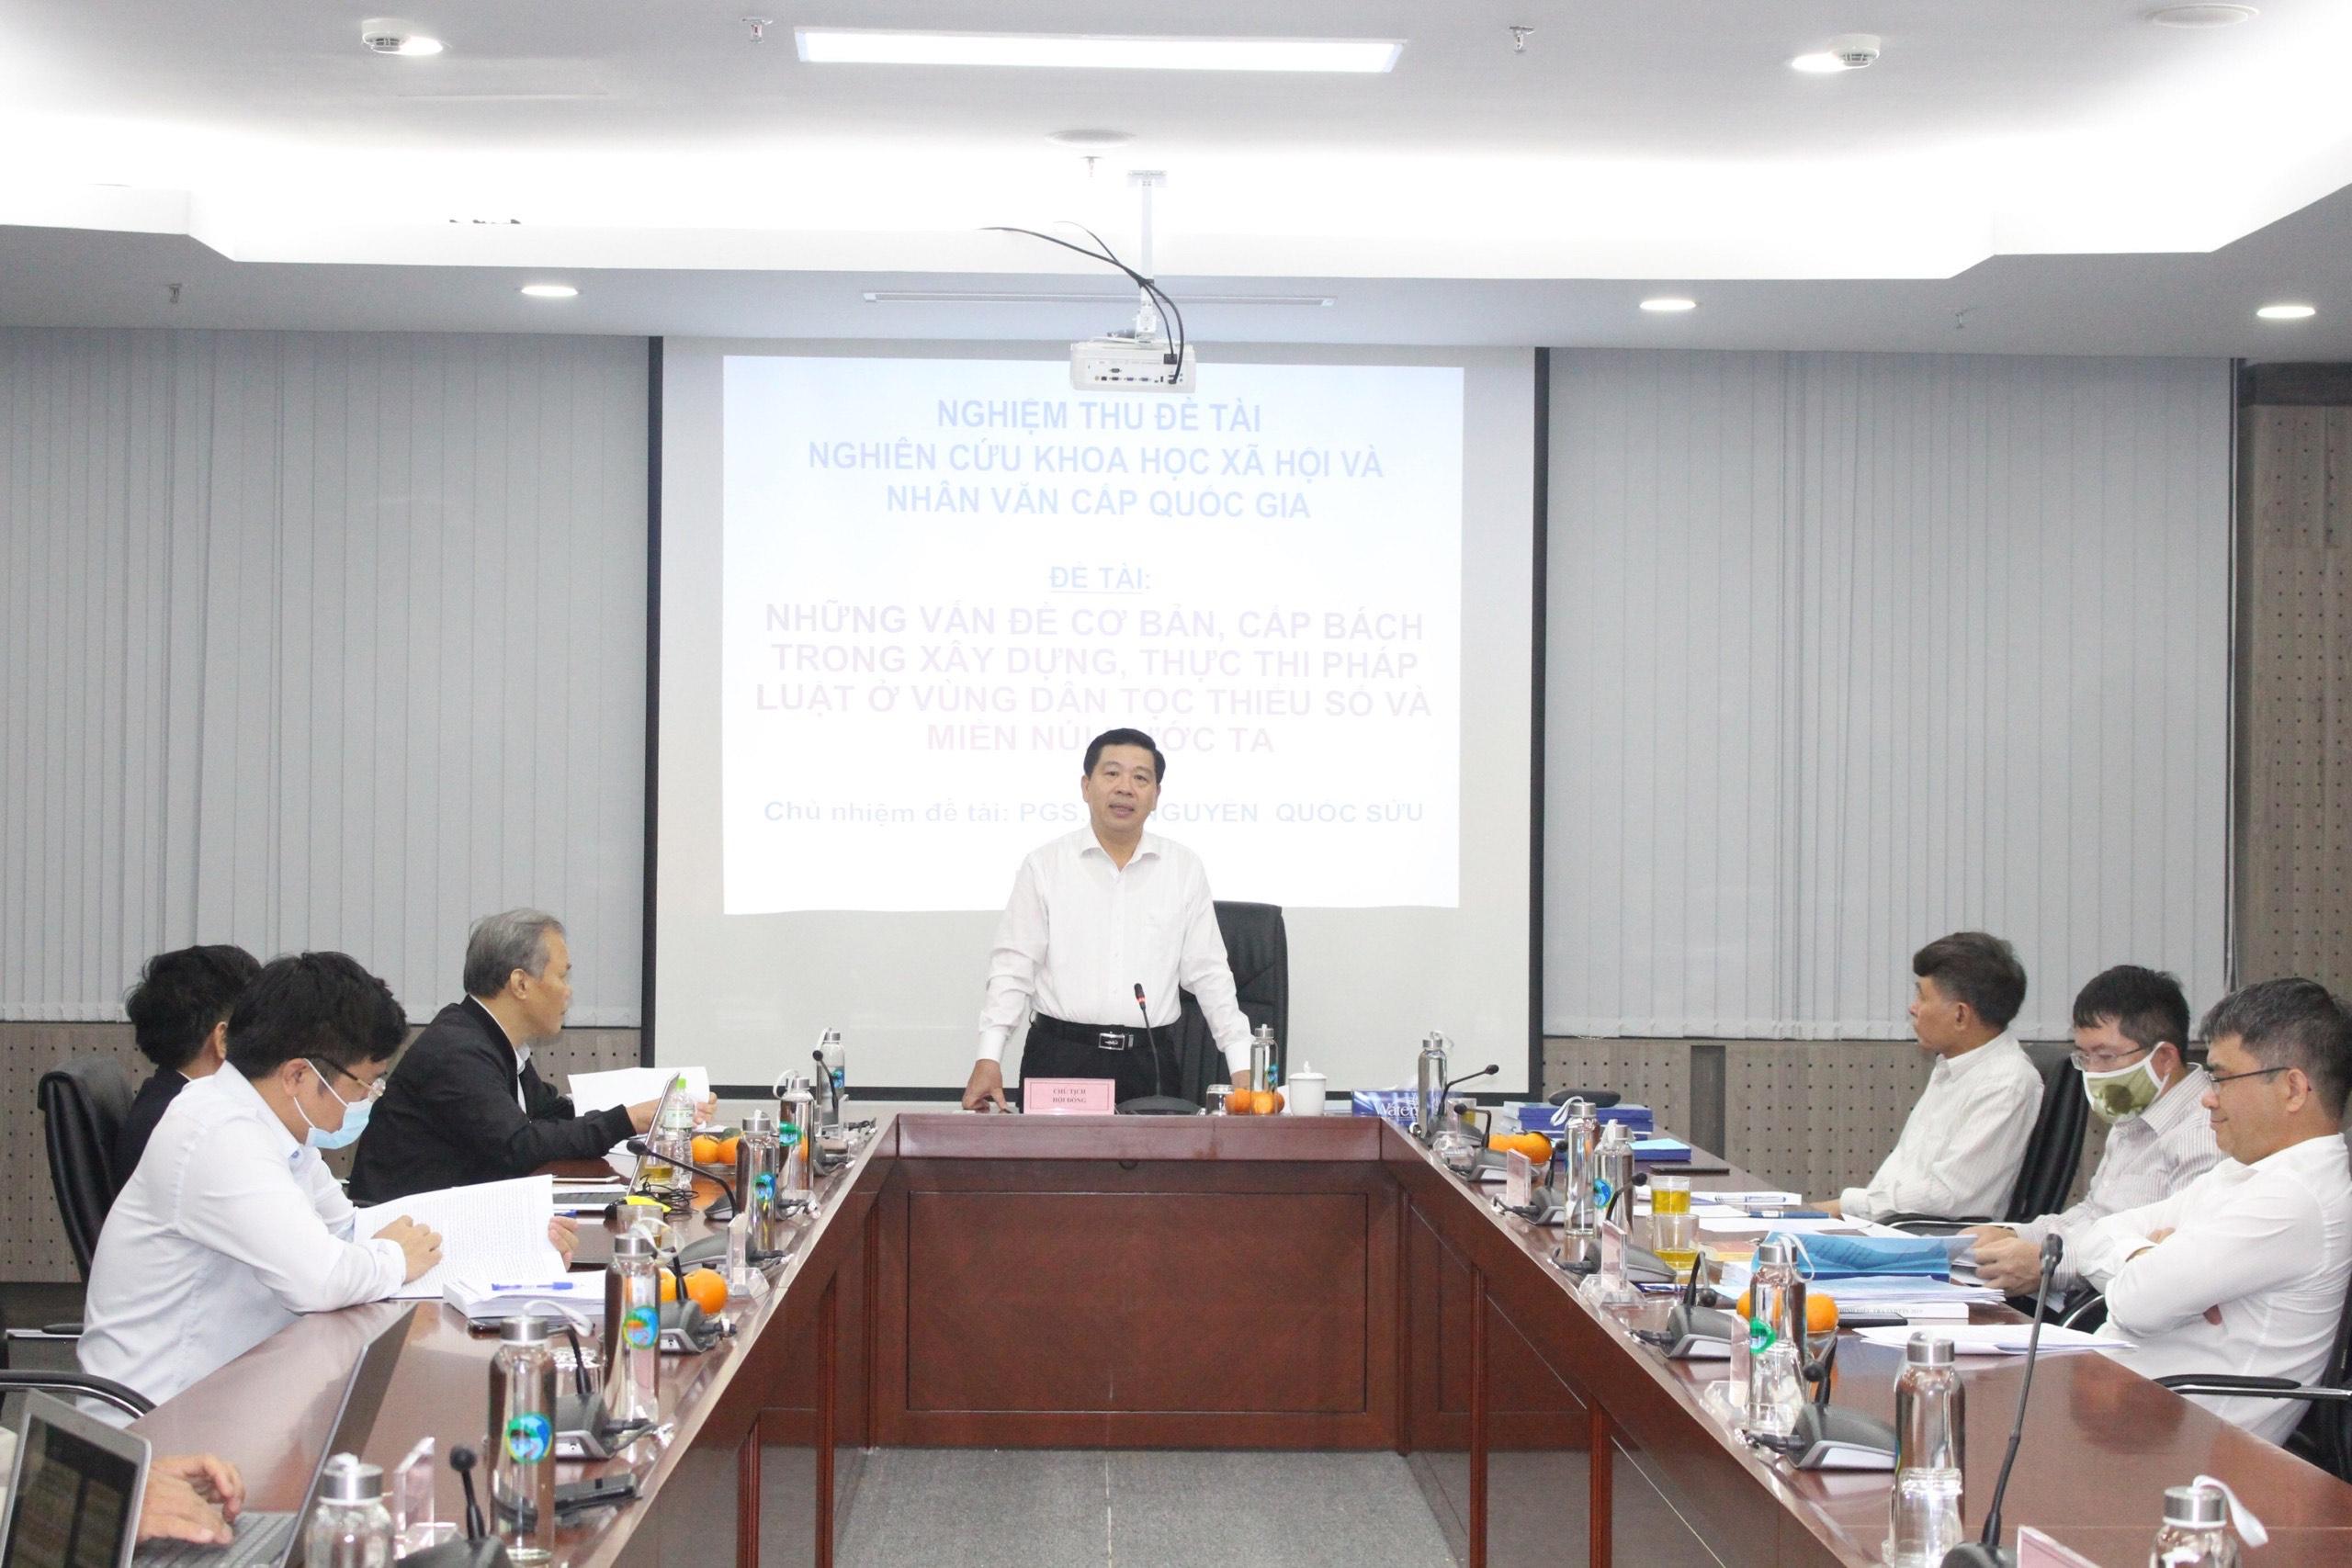 Thứ trưởng, Phó Chủ nhiệm UBDT Lê Sơn Hải chủ trì phiên họp